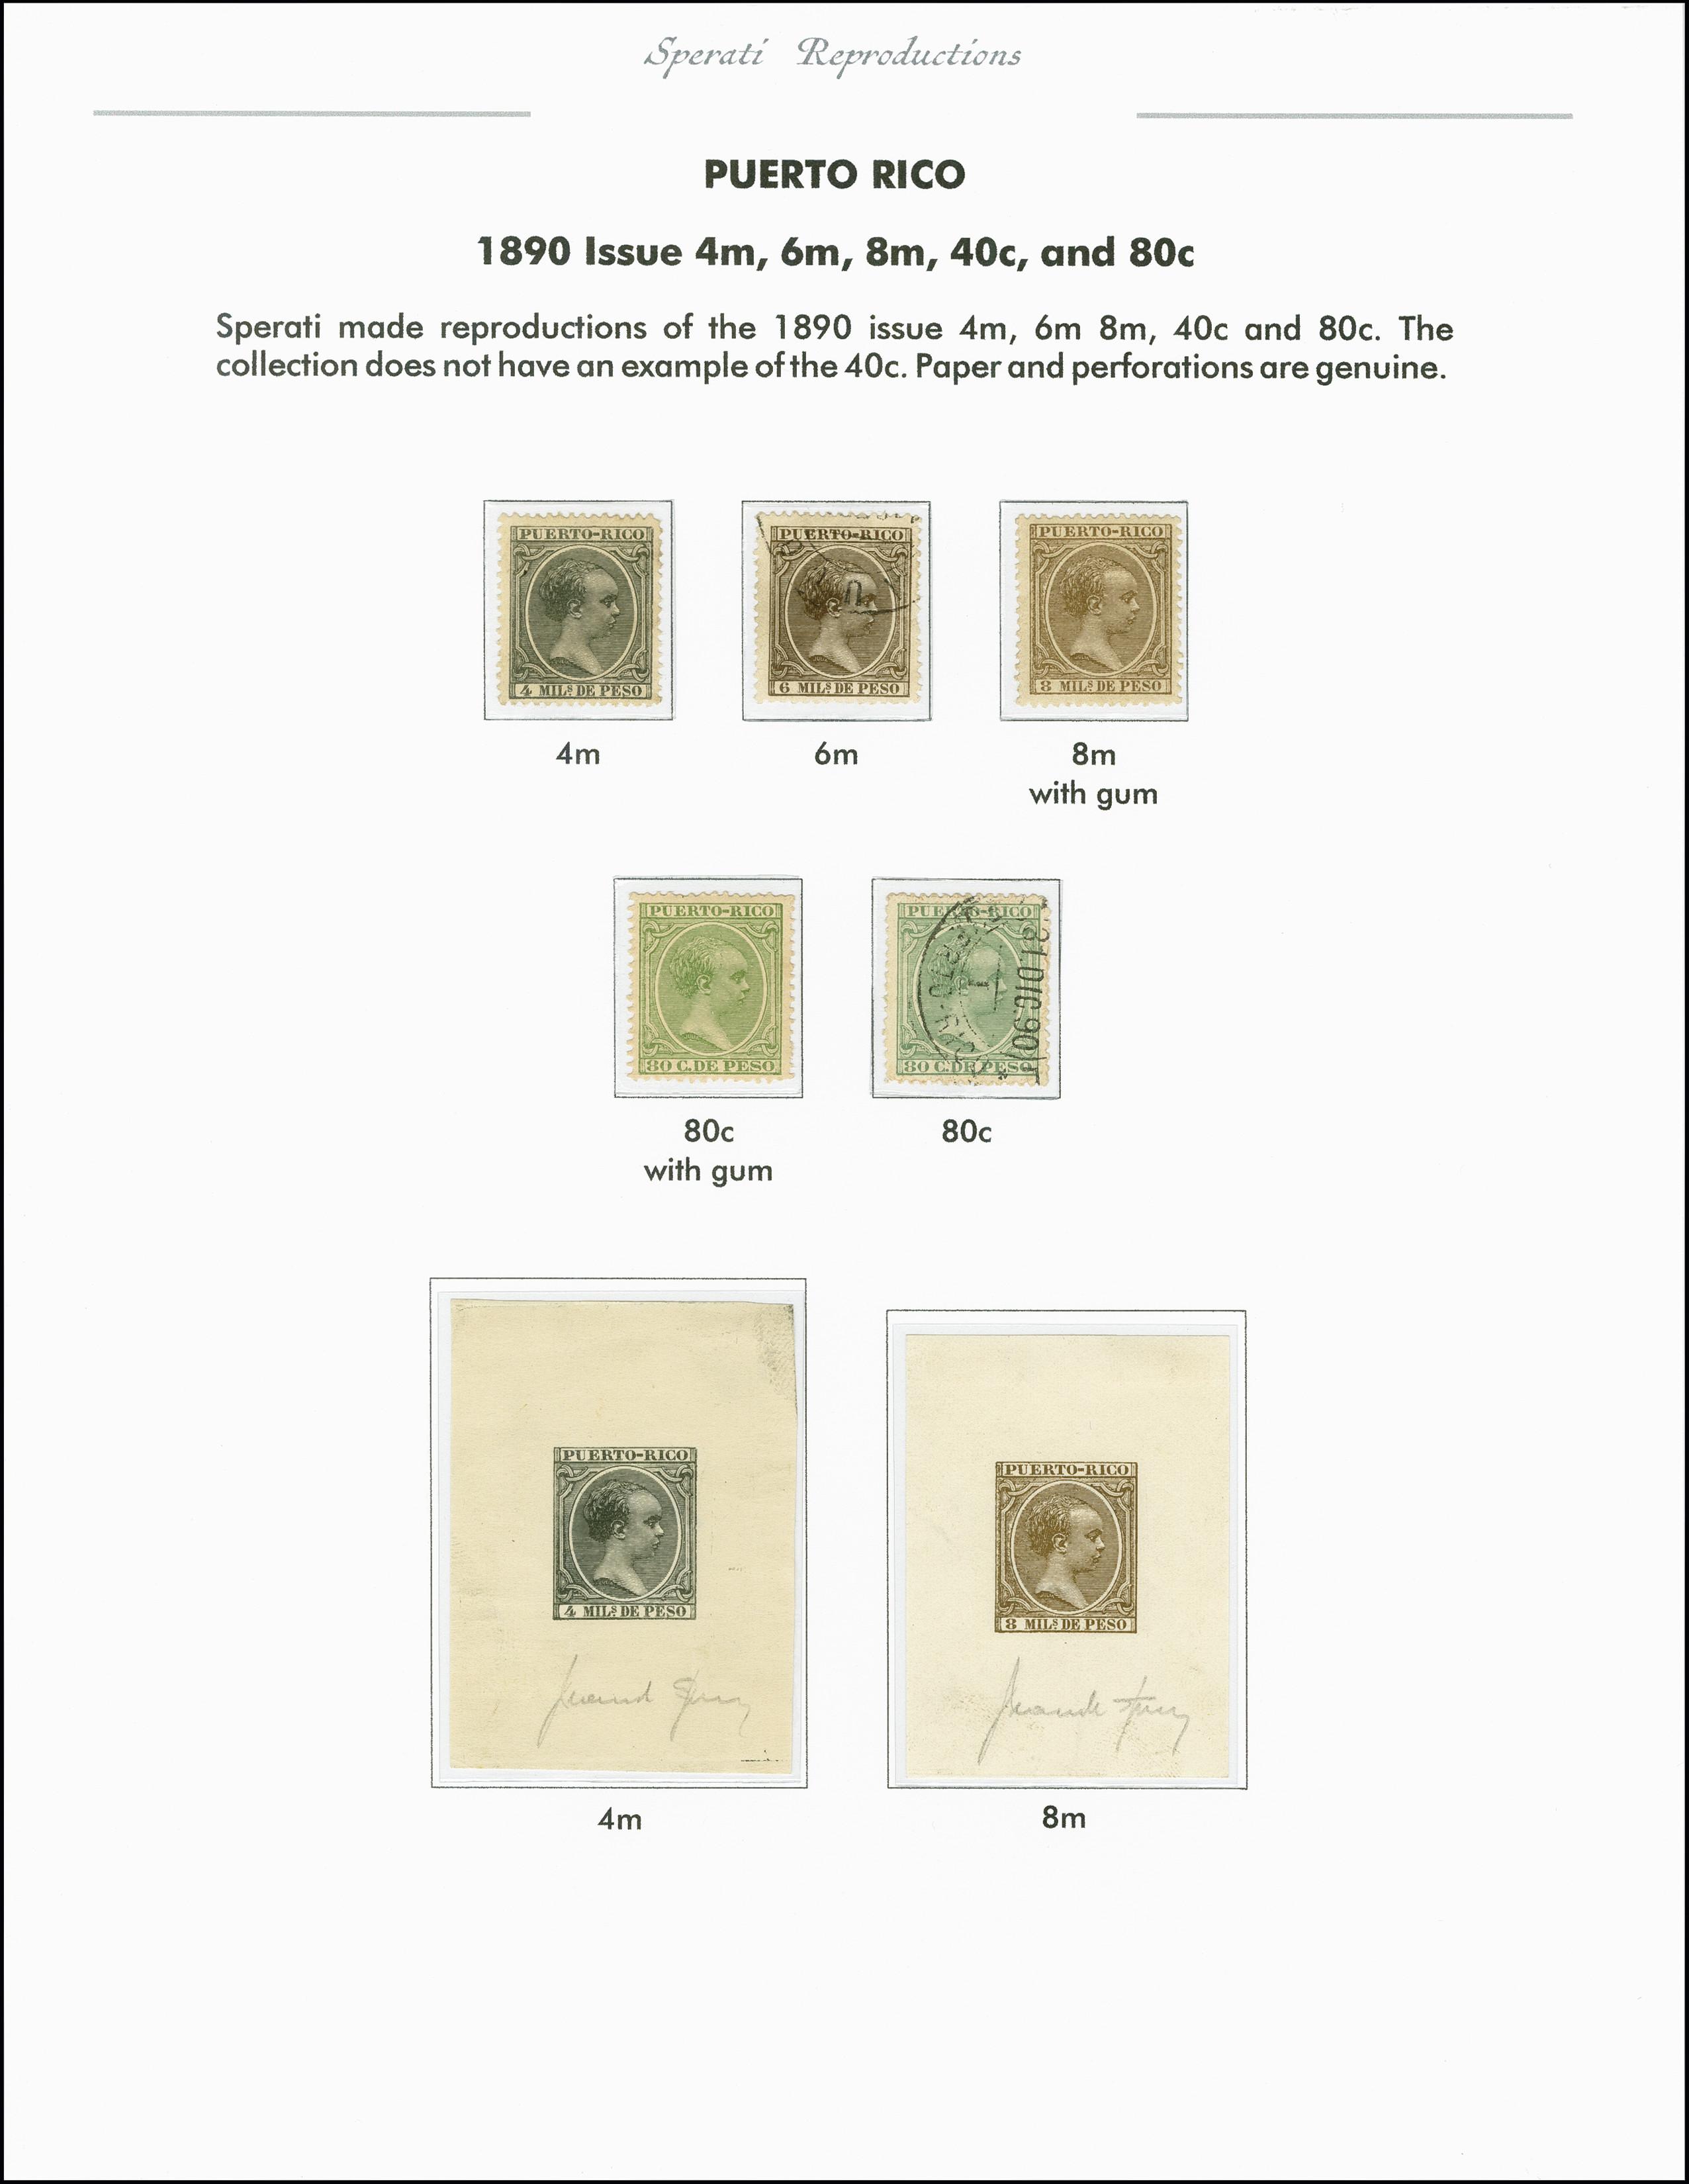 Lot 2216 - spanische kolonien Puerto Rico -  Heinrich Koehler Auktionen 375rd Heinrich Köhler auction - Day 1